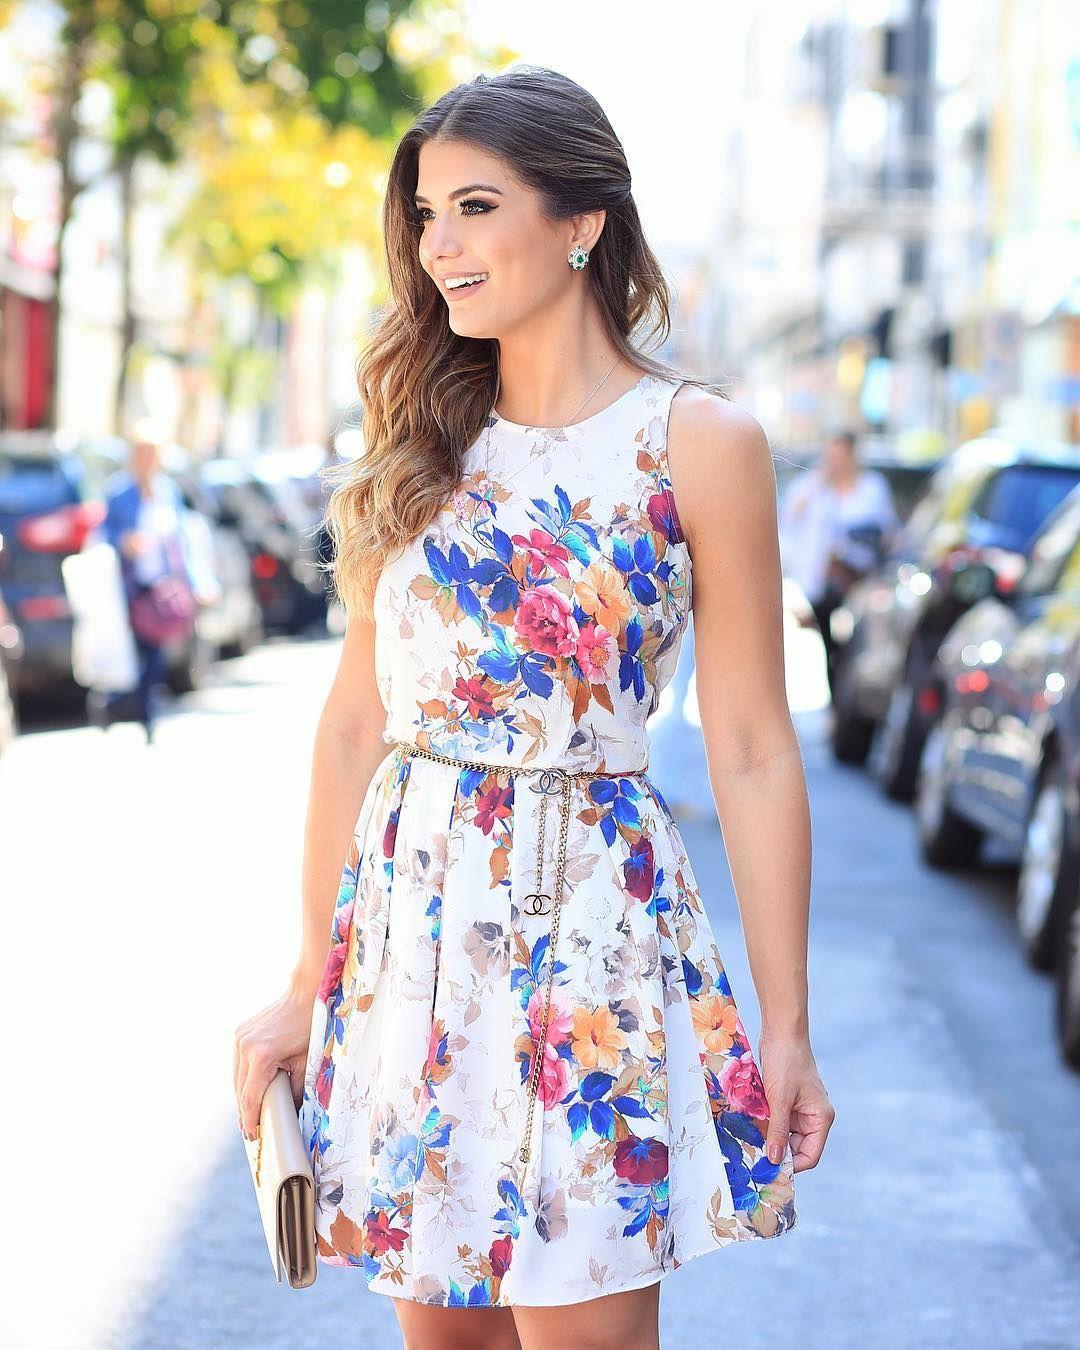 0e3d94b52 Bom dia domingo De  doceflorsp estampa linda naquele modelo de vestido que  a gente ama! ♥️